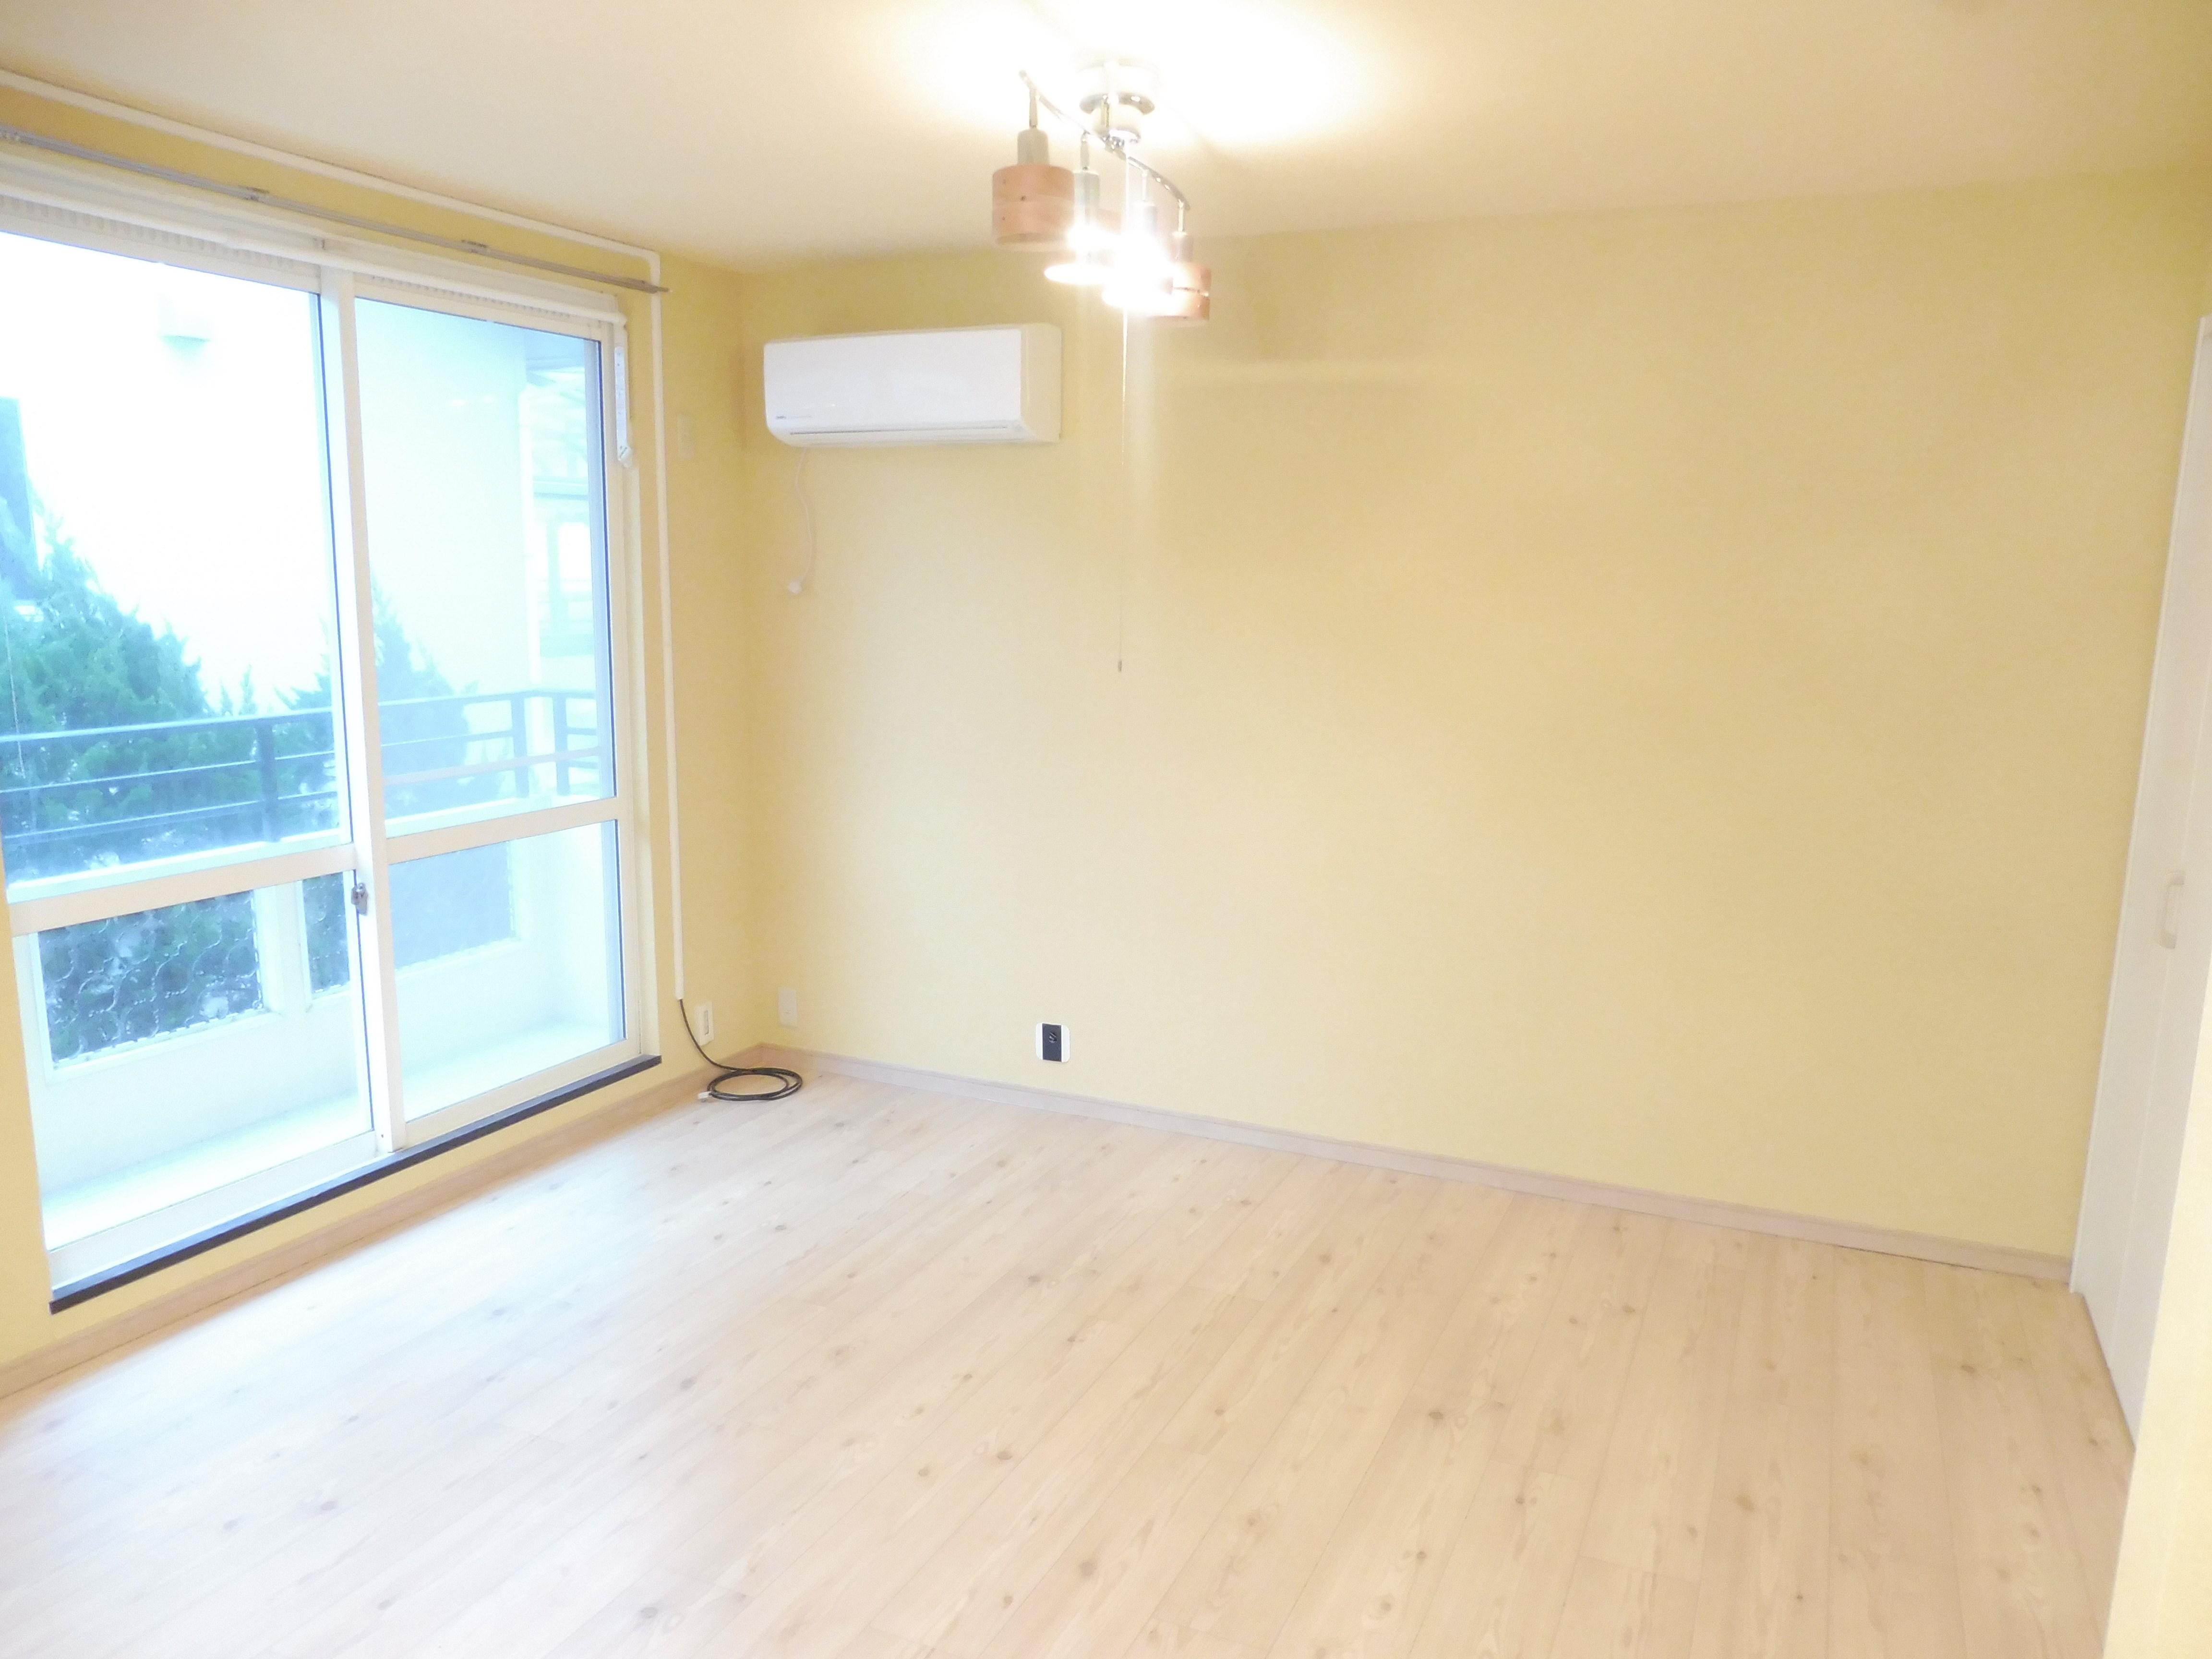 暖色系のクロスで落ち着くお部屋になりました。